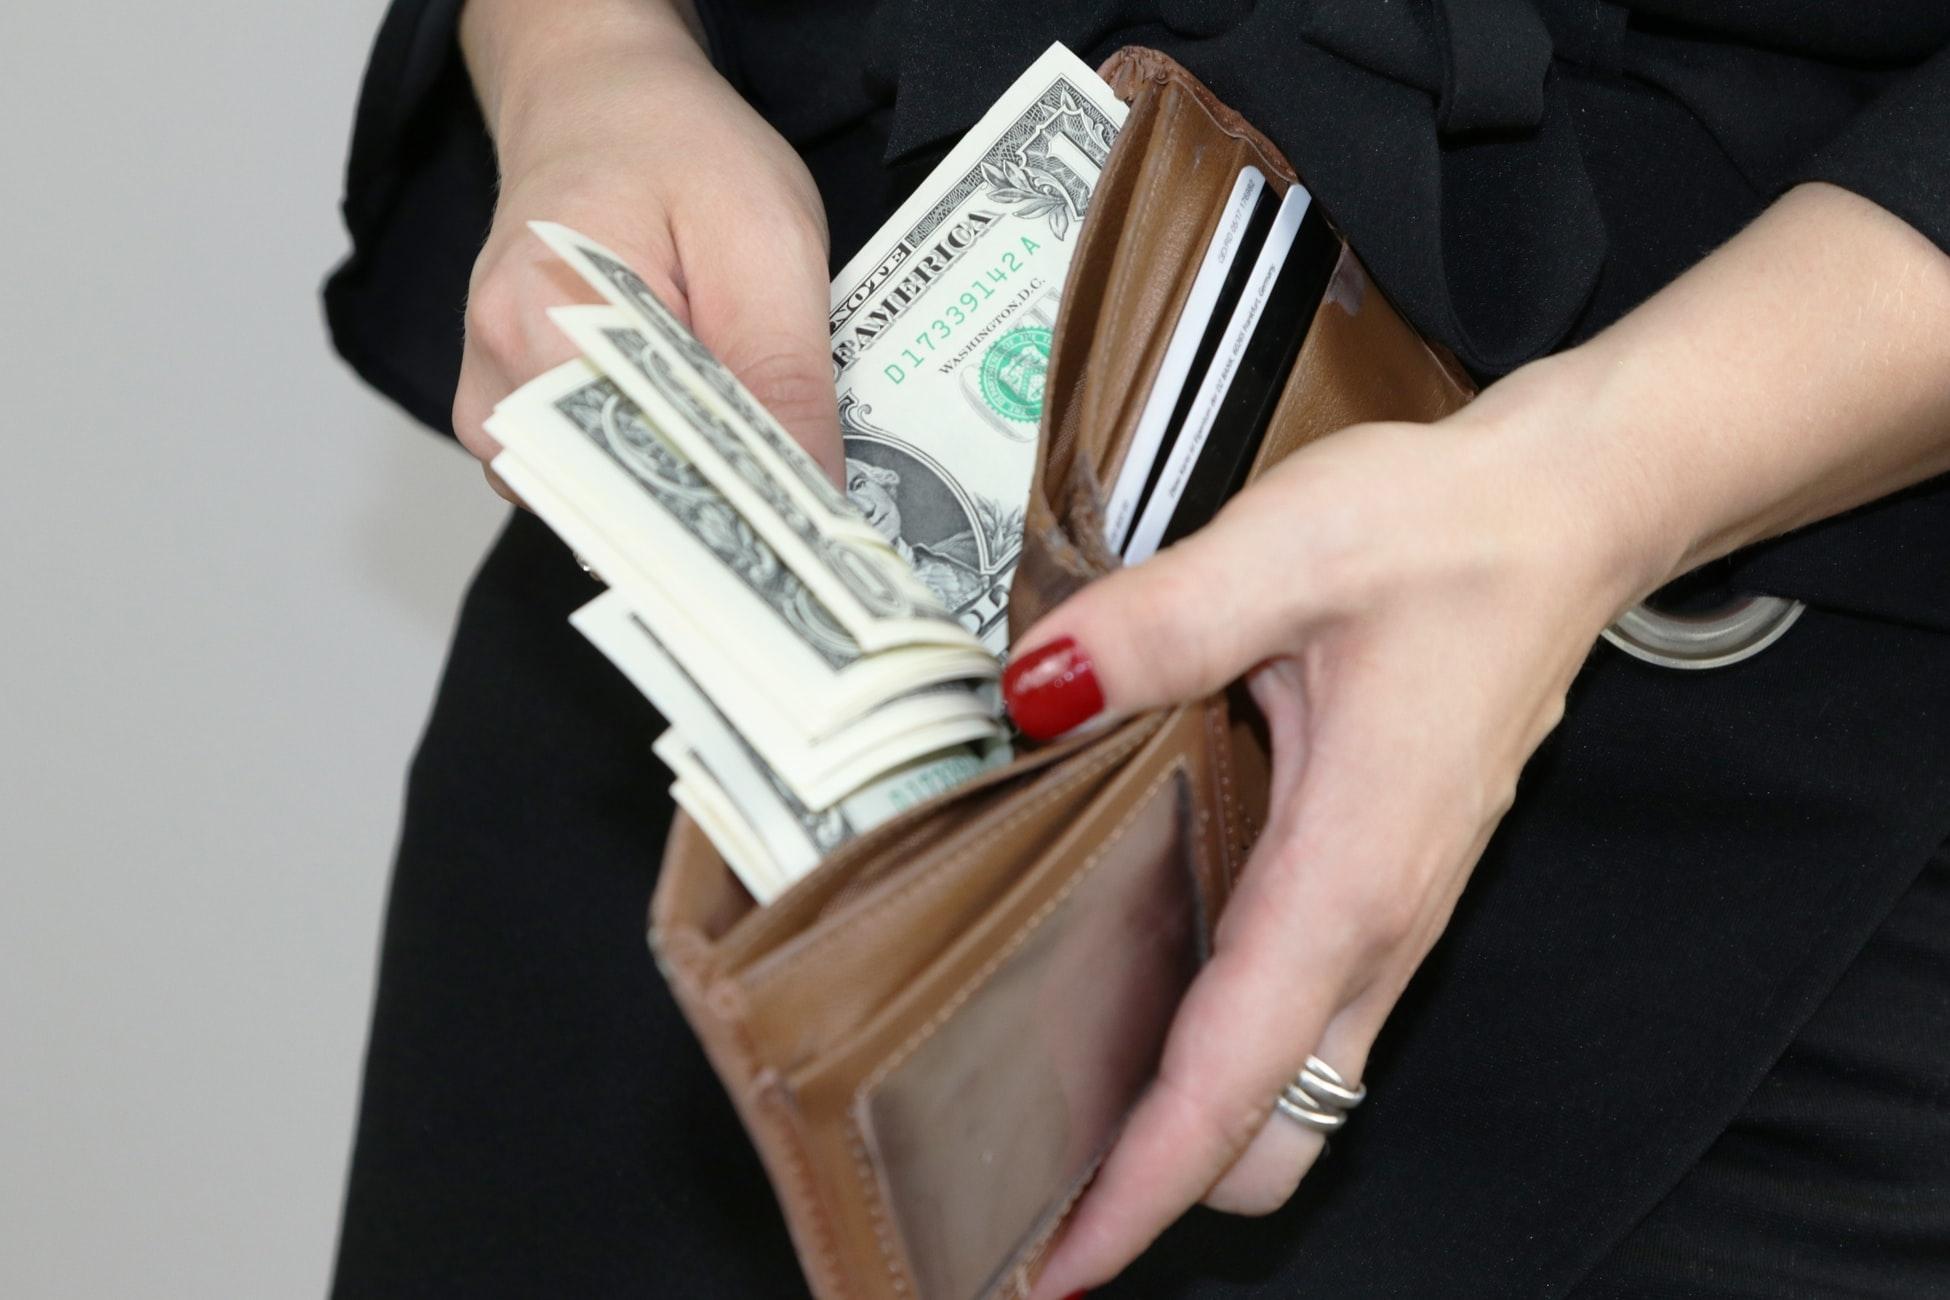 長財布の人はミニ財布に変えてみる?